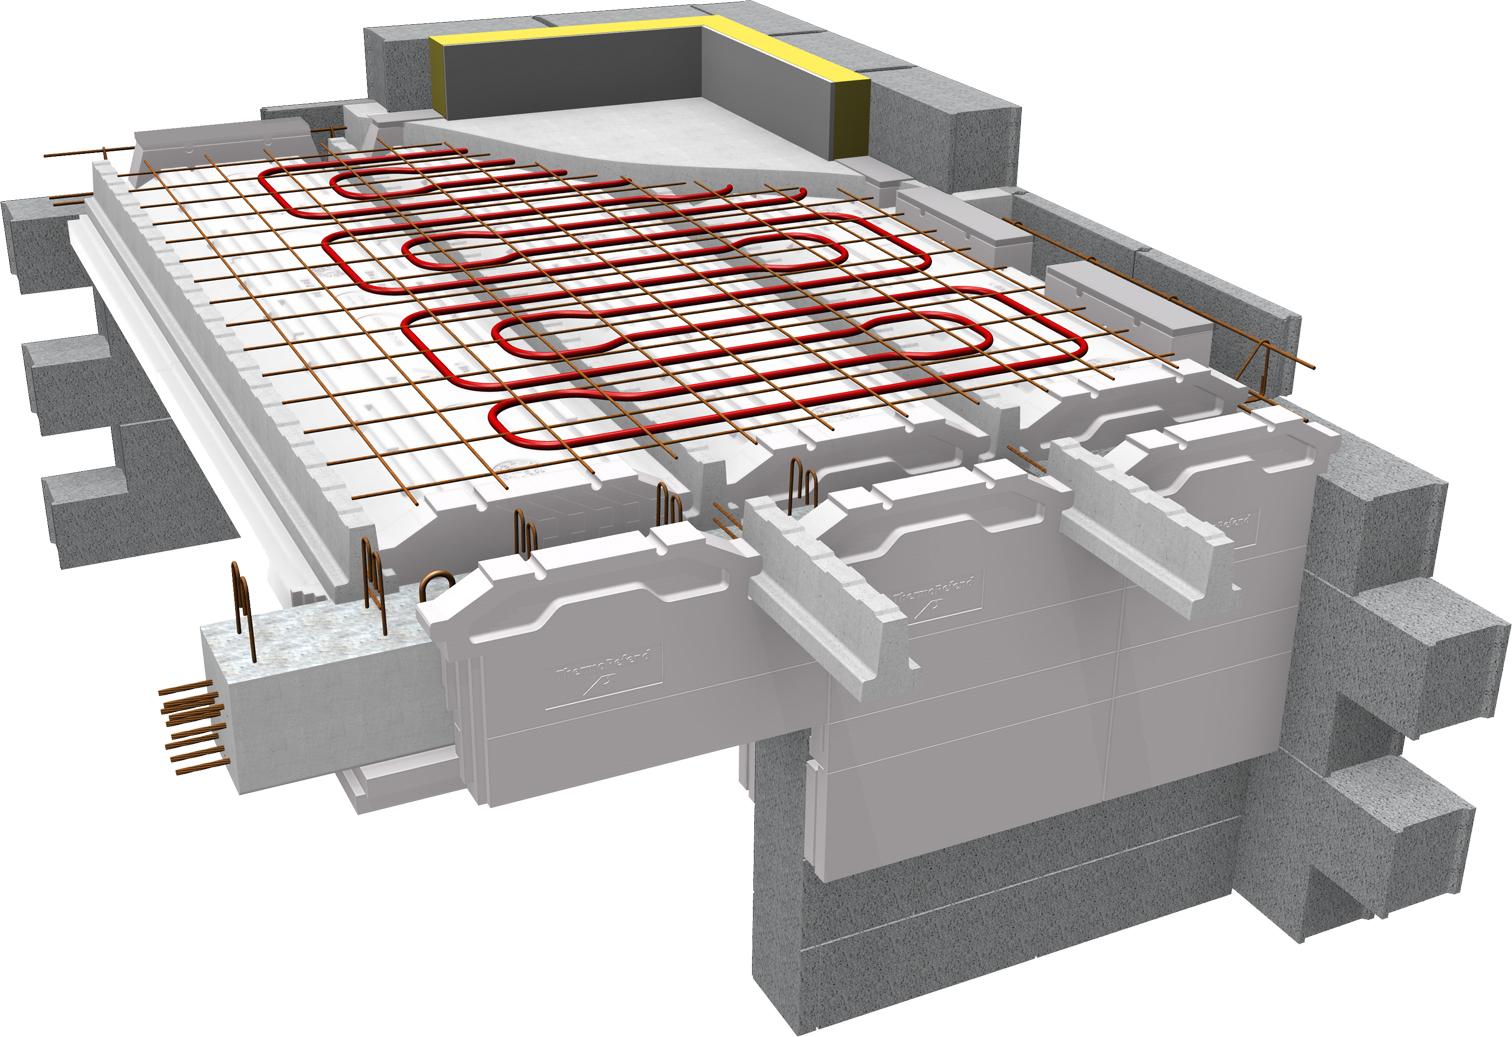 Le plancher b ton pr fabriqu avec chauffage int gr 2 en for Chauffage pour rt 2012